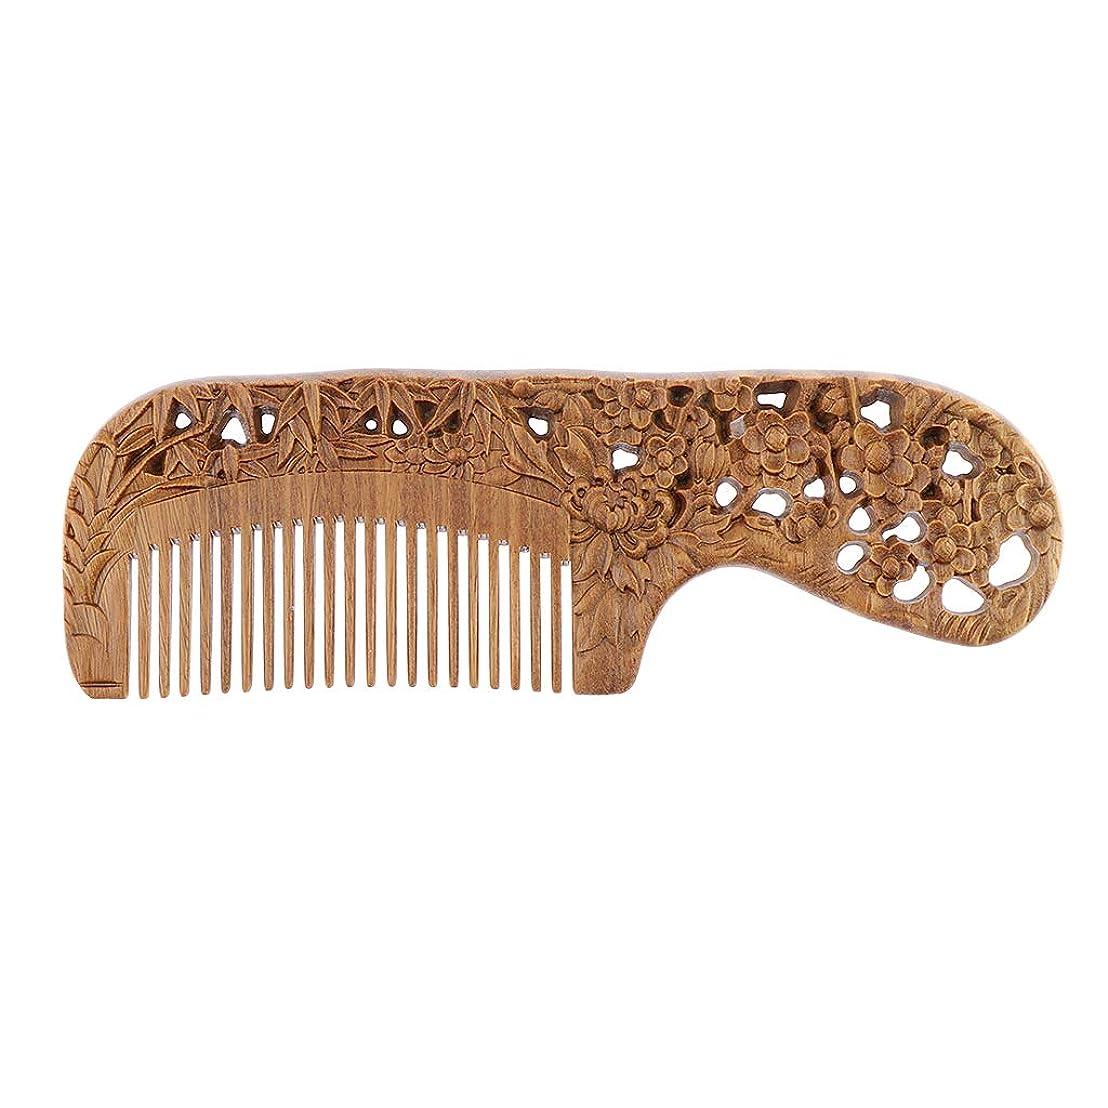 もっと少なくスリチンモイもっと少なくB Blesiya 手作り 木製櫛 ヘアブラシ ヘアコーム 頭皮マッサージ レトロ 4タイプ選べ   - 17.8 x 5.6 x 11.5 cm